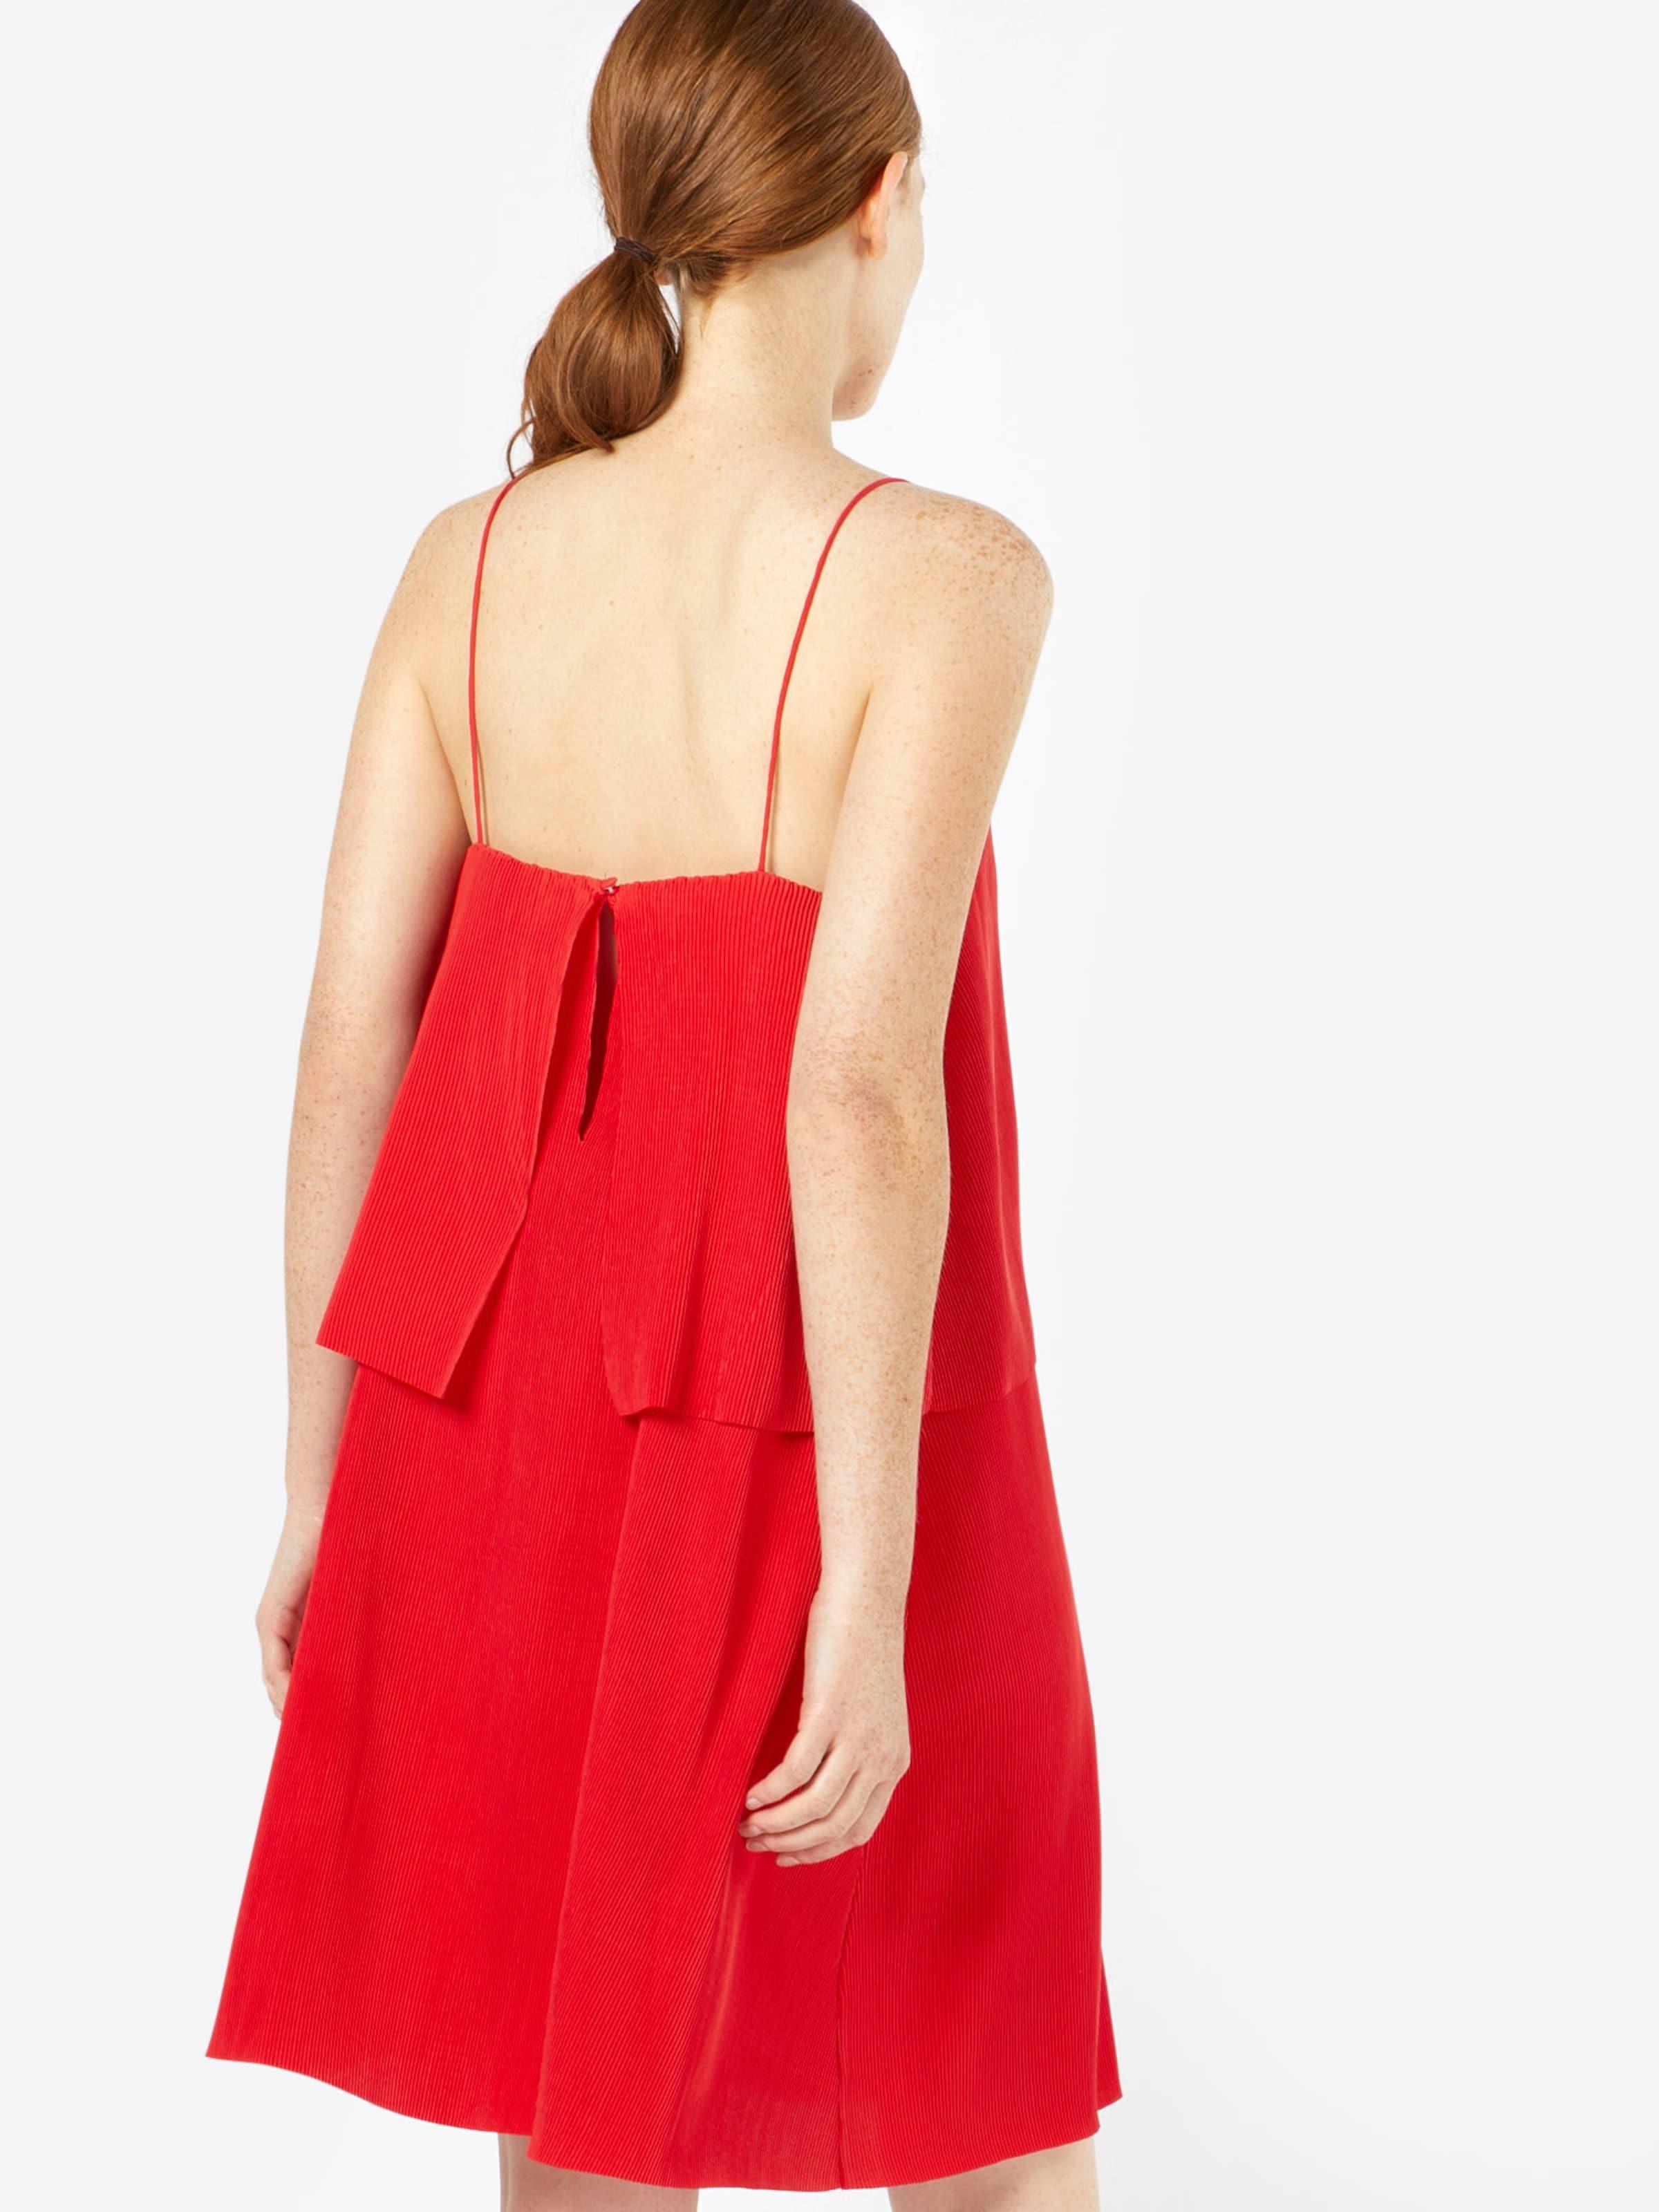 Samsoeamp; Feuerrot Feuerrot 'petra' 'petra' In Kleid Kleid Kleid 'petra' Samsoeamp; Samsoeamp; In rxoedQBWEC